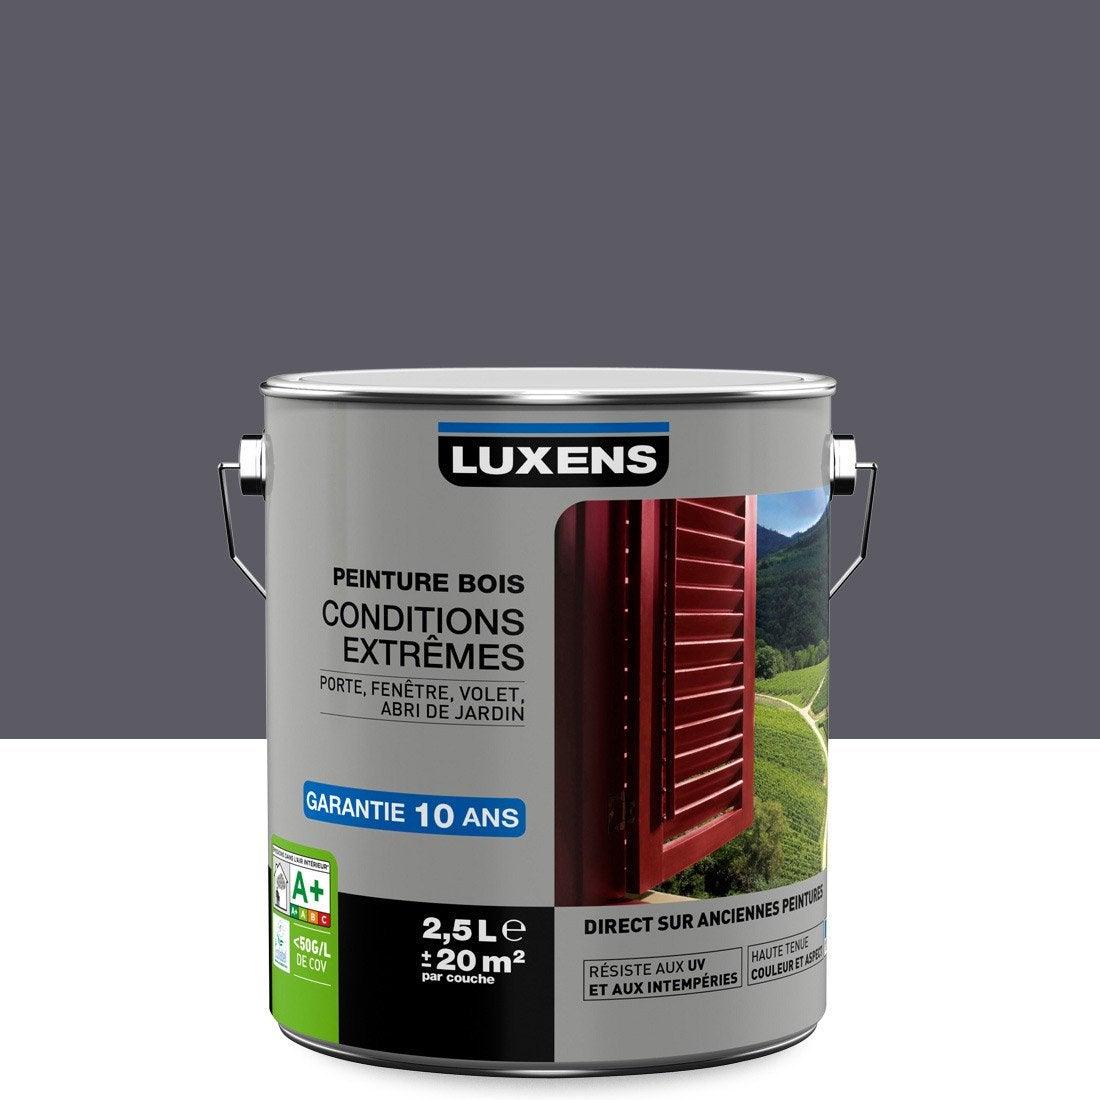 exceptionnel Peinture bois extérieur Conditions extrêmes LUXENS, gris galet n°1, 2.5 l